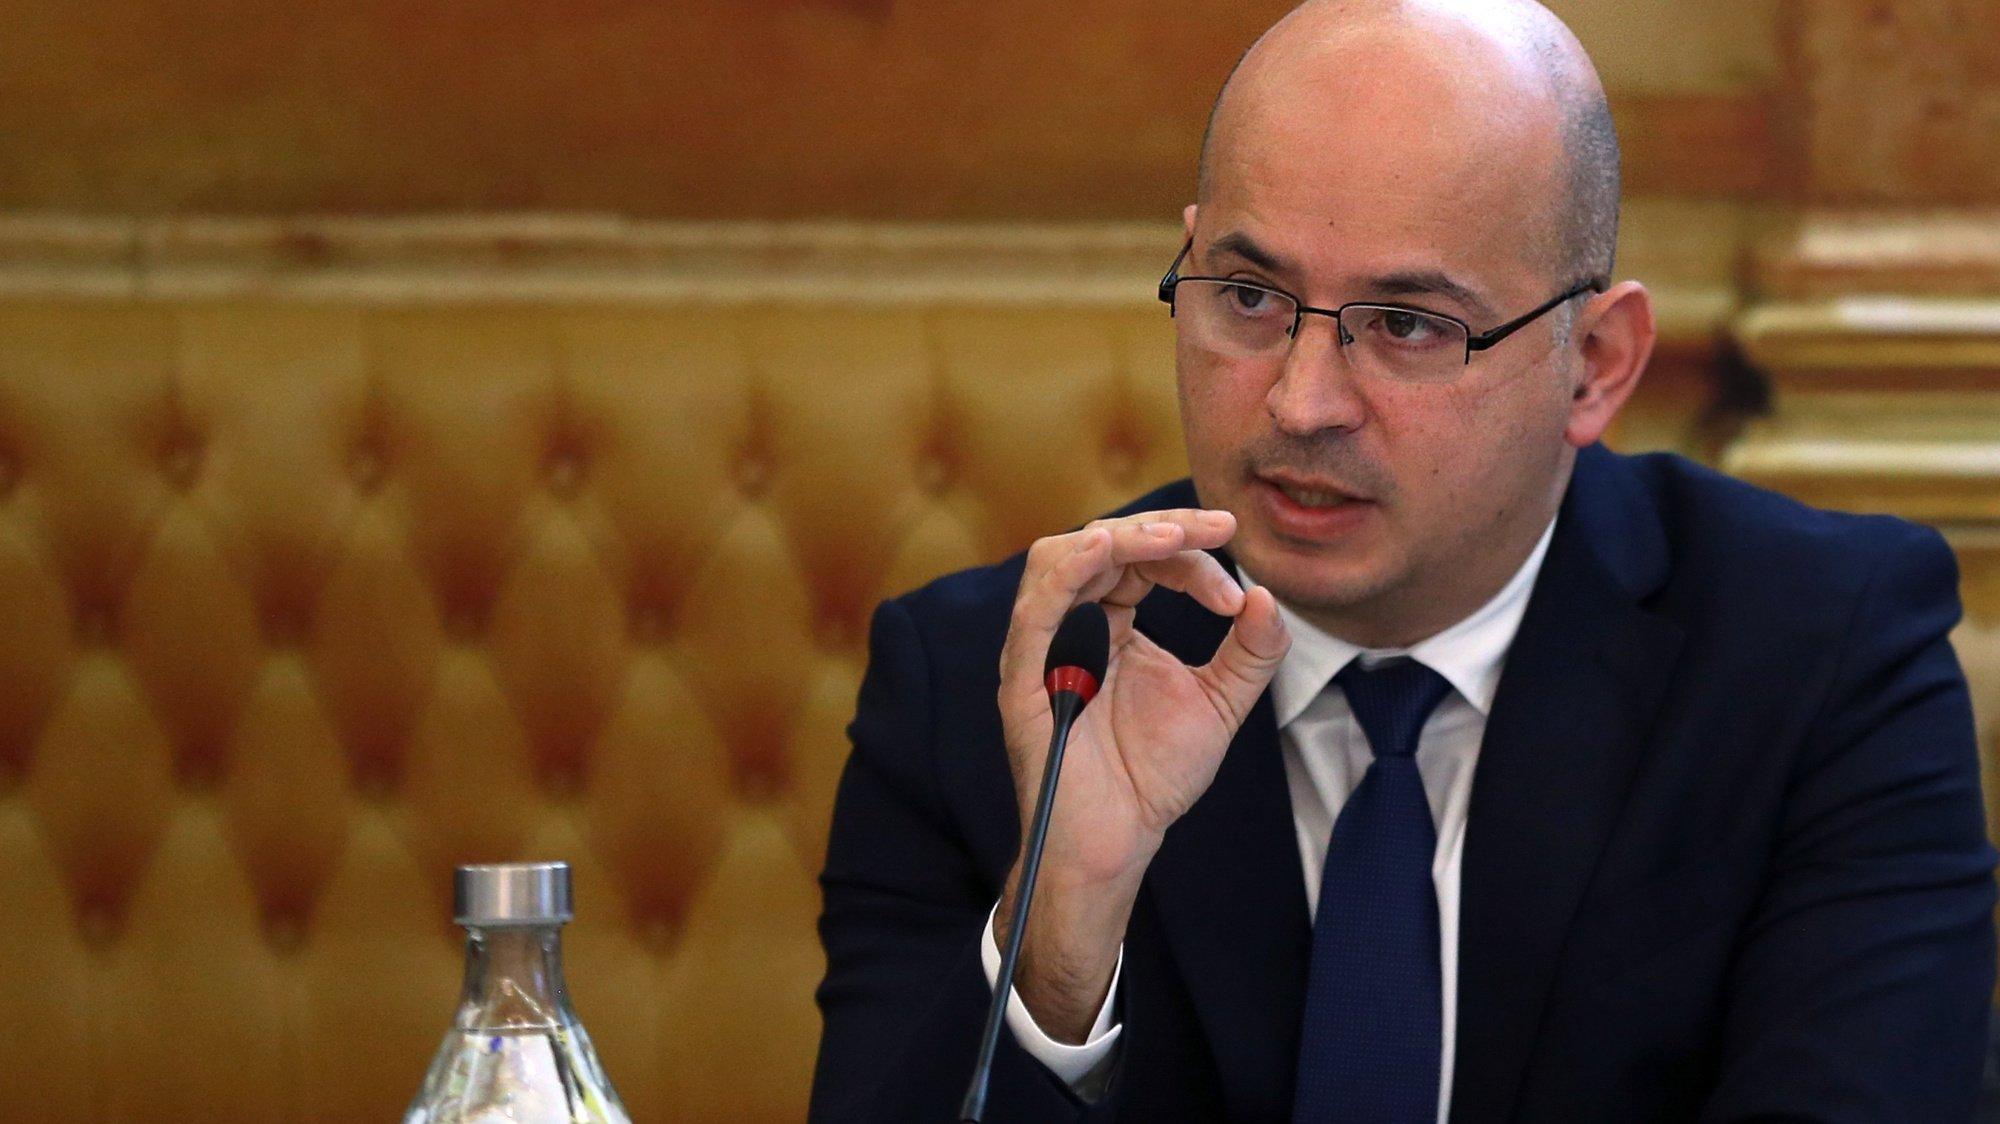 O ministro de Estado e das Finanças, João Leão, durante a audição na Comissão do Orçamento e Finanças da Assembleia da República, Lisboa, 09 de fevereiro de 2021.   MANUEL DE ALMEIDA/LUSA